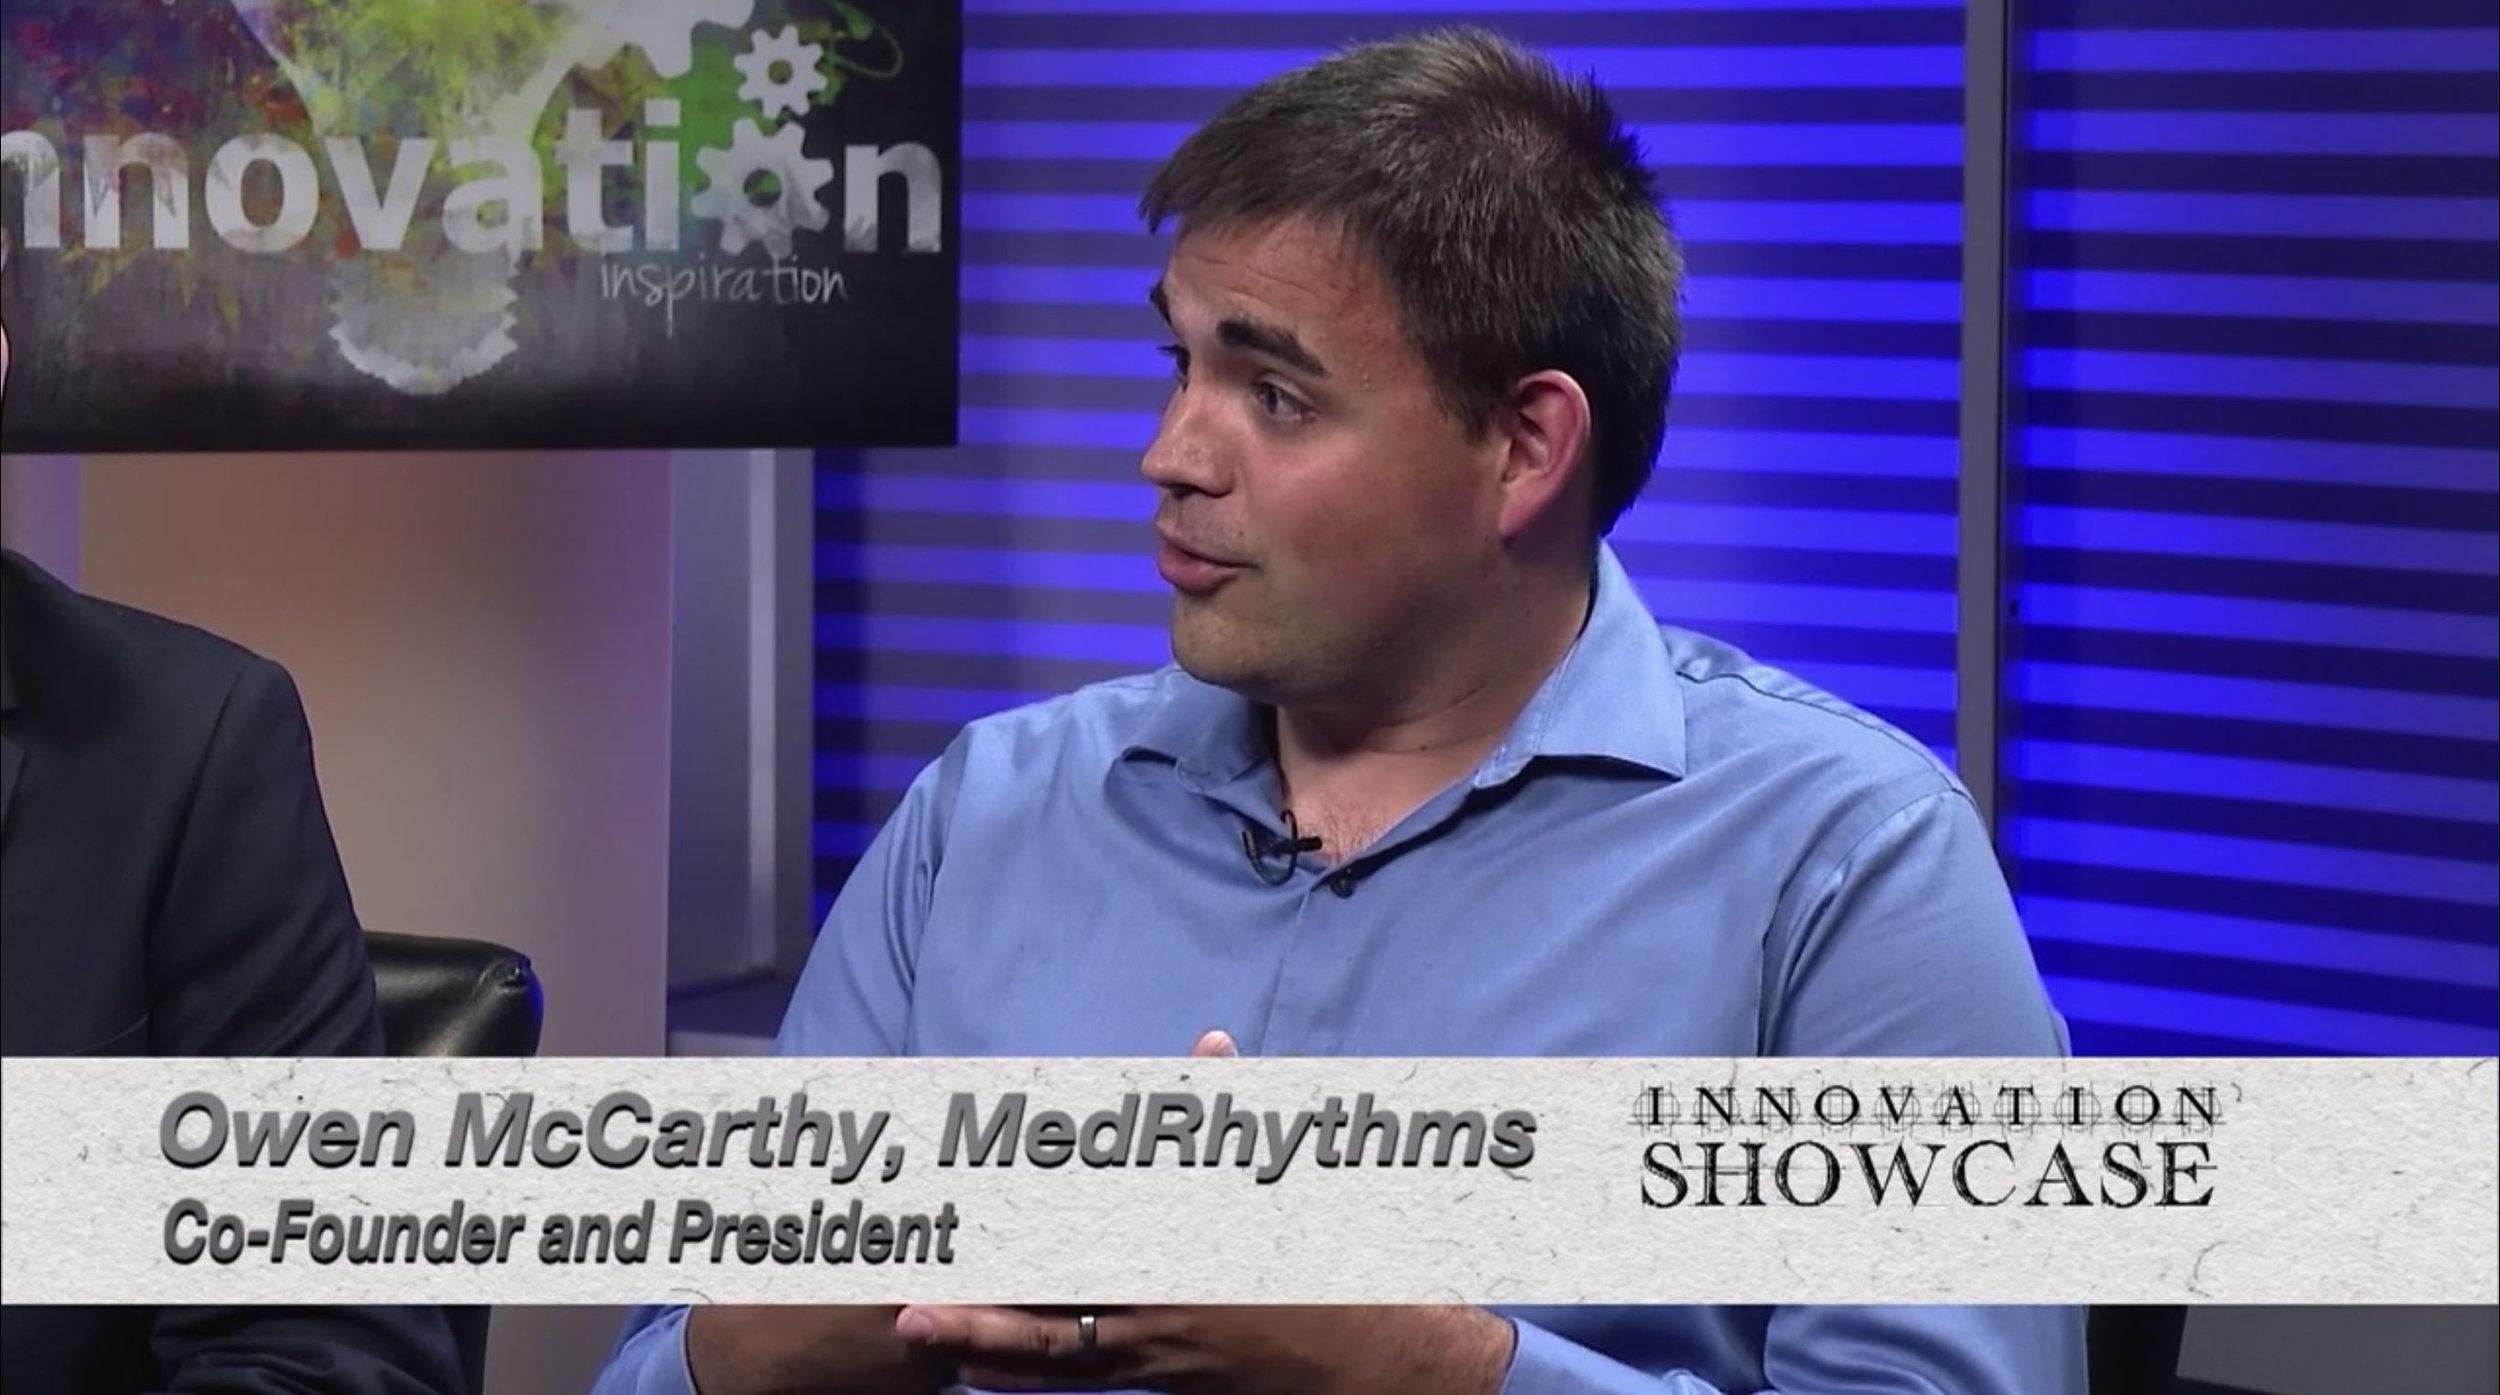 Innovation Showcase - MedRhythms